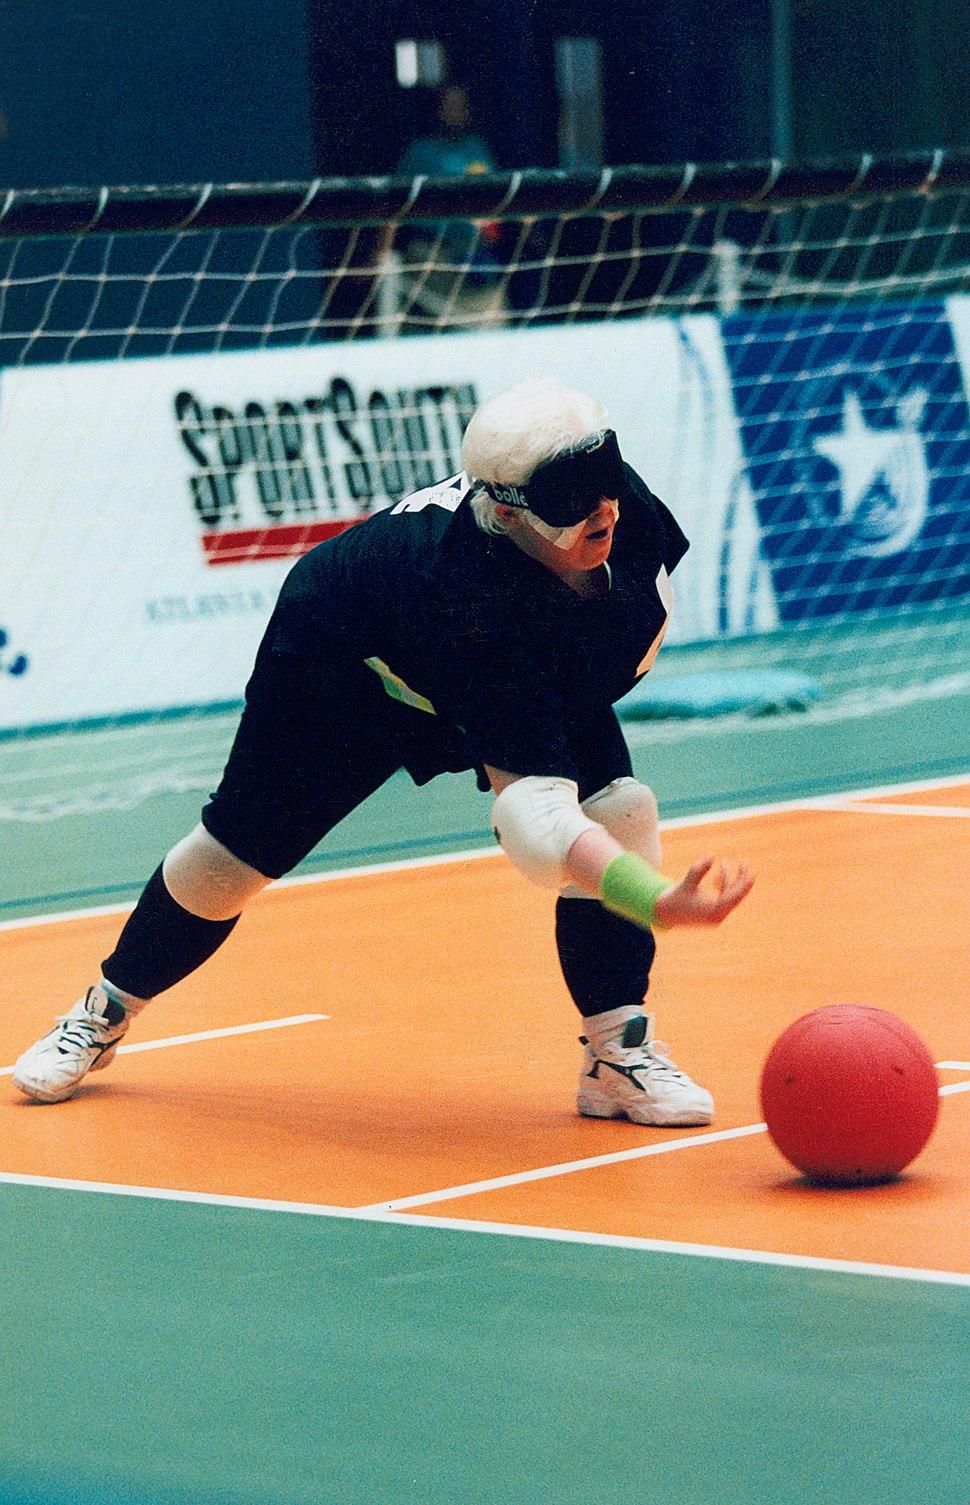 Atlanta 1996 Goalball Raelene Bock